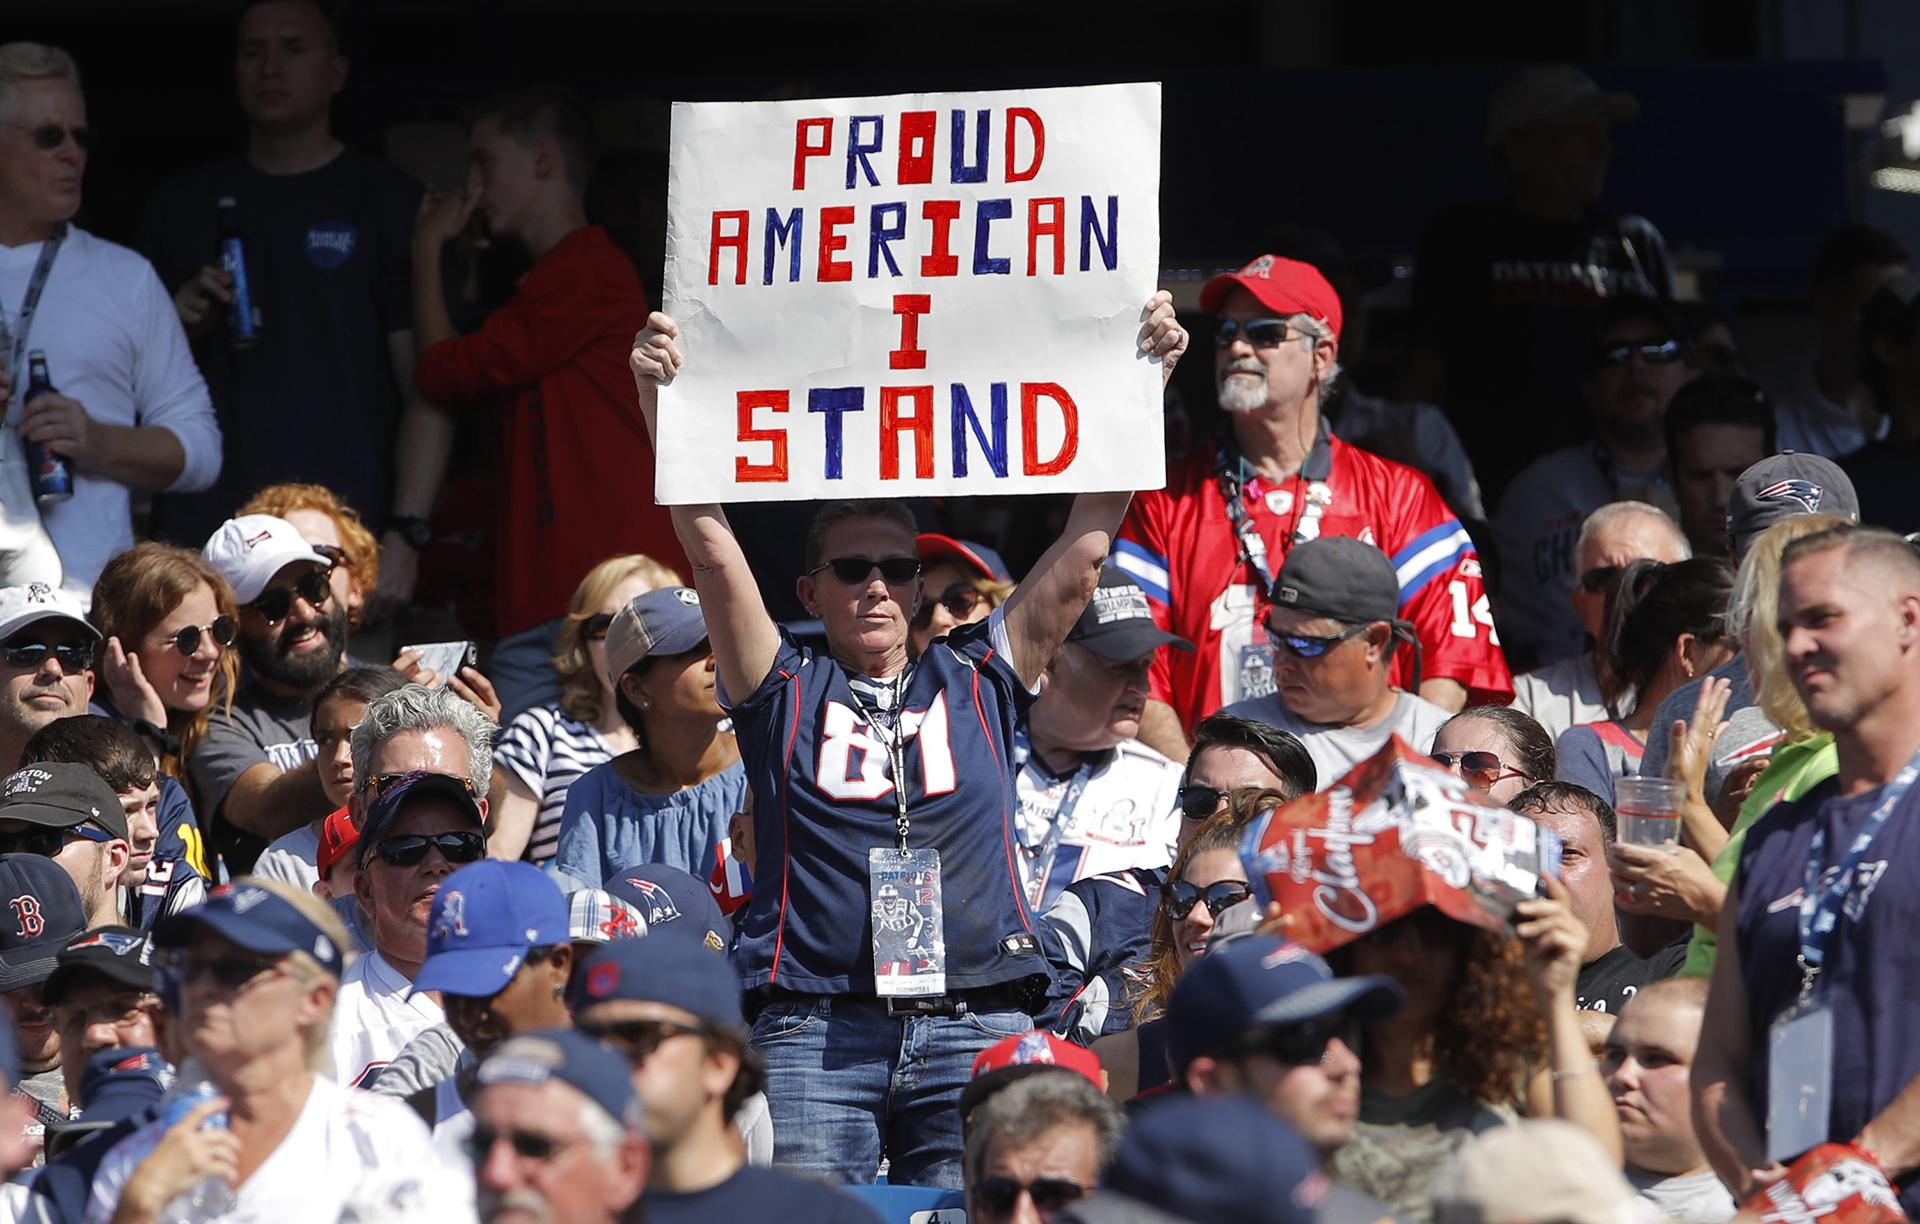 """Un fanáticode los patriots de Nueva Inglaterra lleva uncartel durante el enfrentamiento antelos Texans de Houston en la segunda mitad en el estadio de Gillette: """"orgullo americano, estoy de pie"""""""